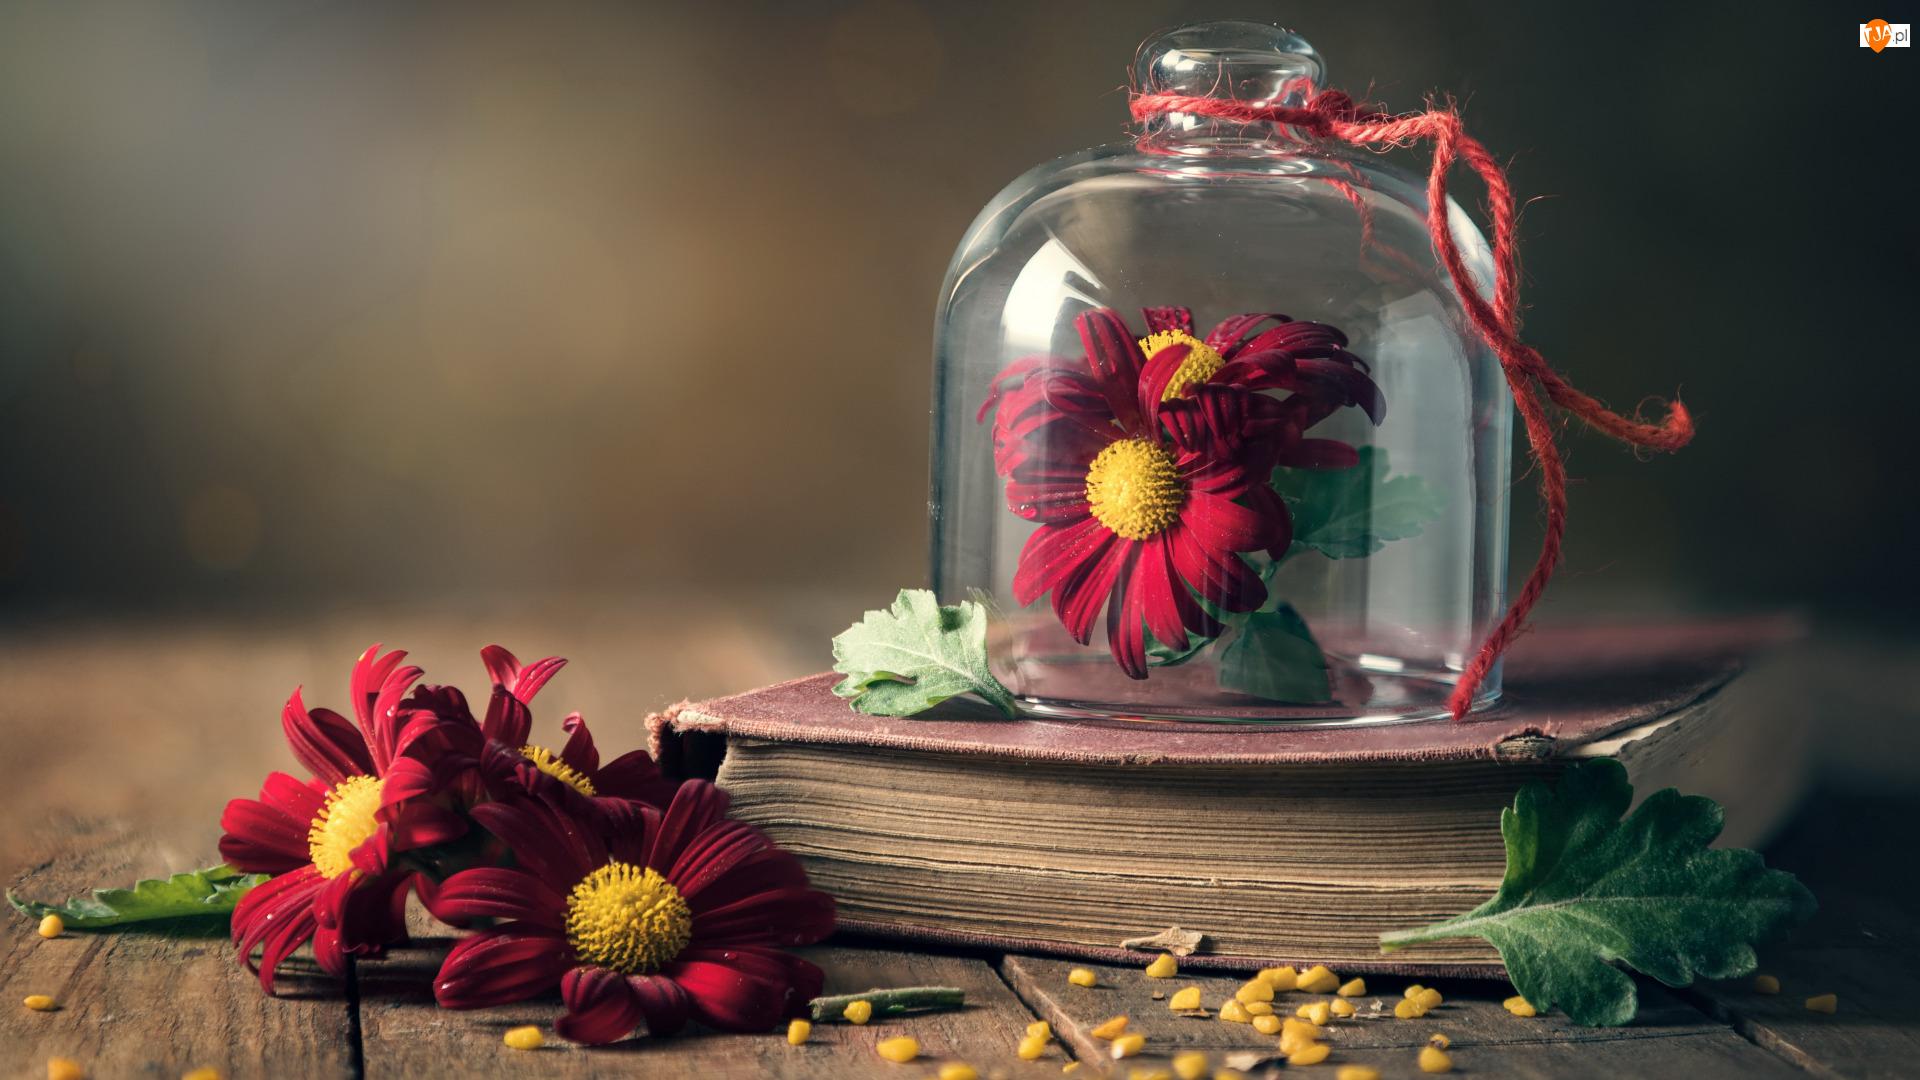 Kwiaty, Chryzantemy, Liście, Książka, Sznurek, Naczynie, Szklane